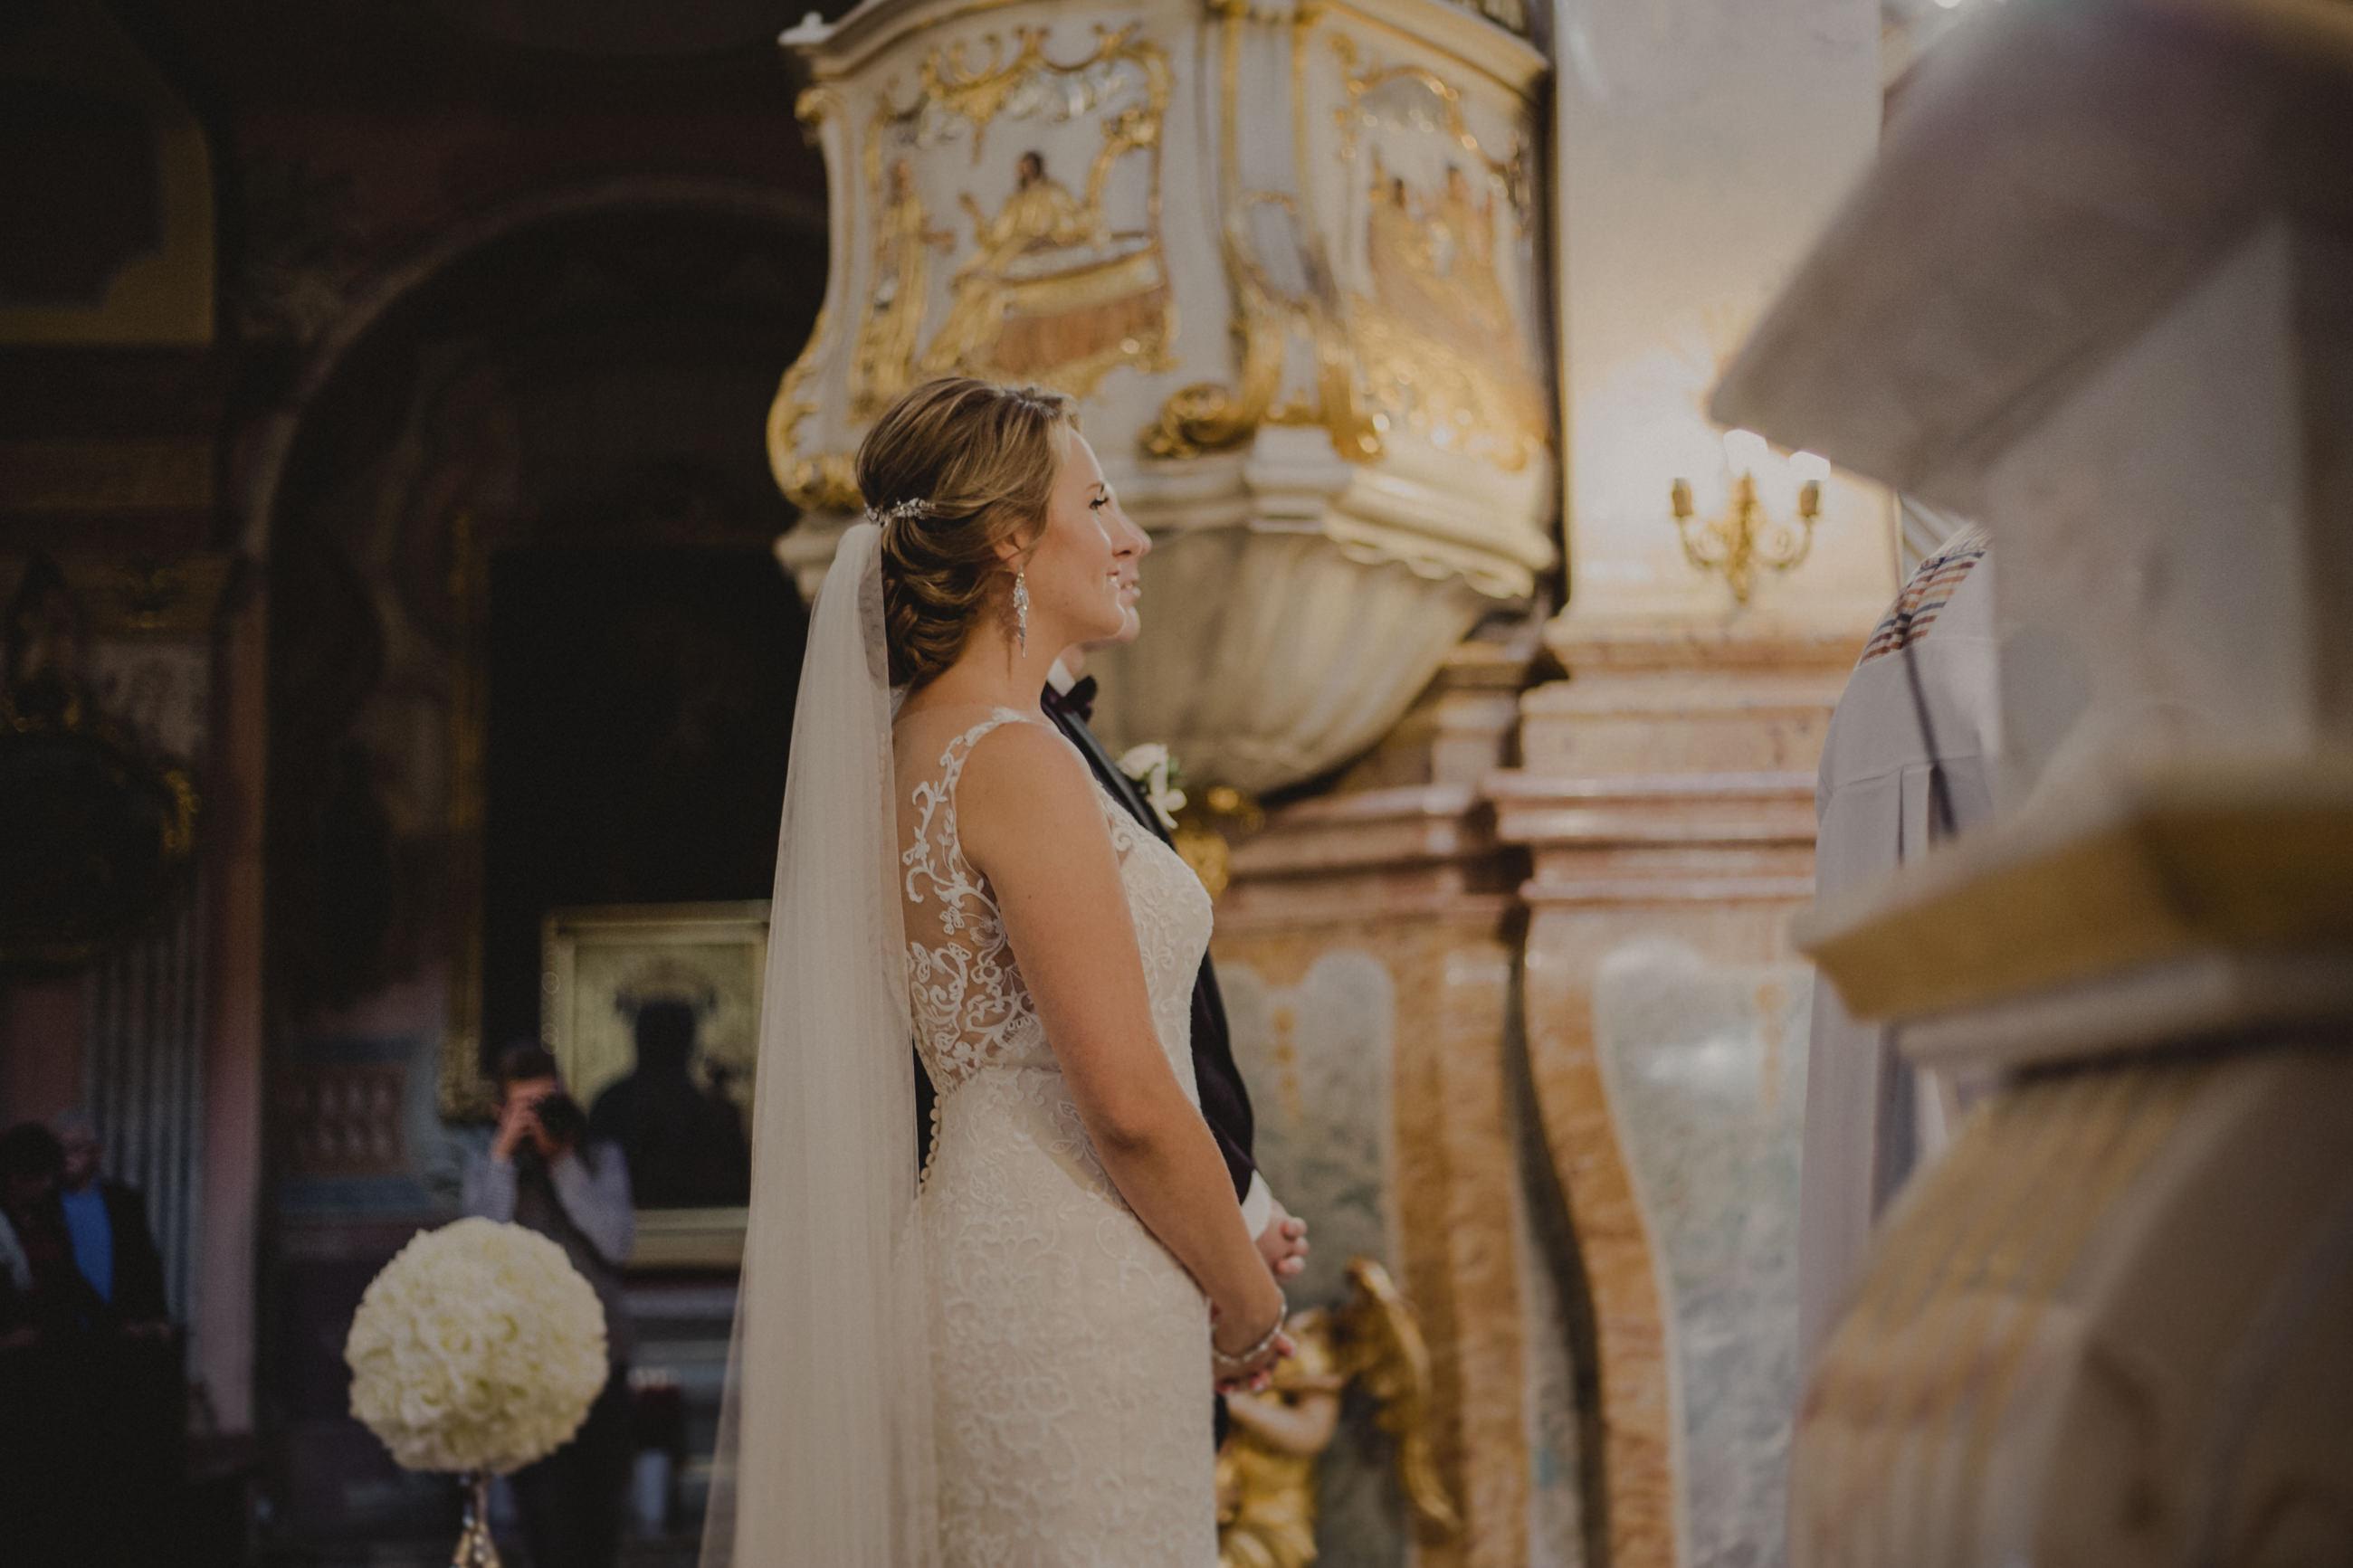 zdjęcia z ślubu z duszą